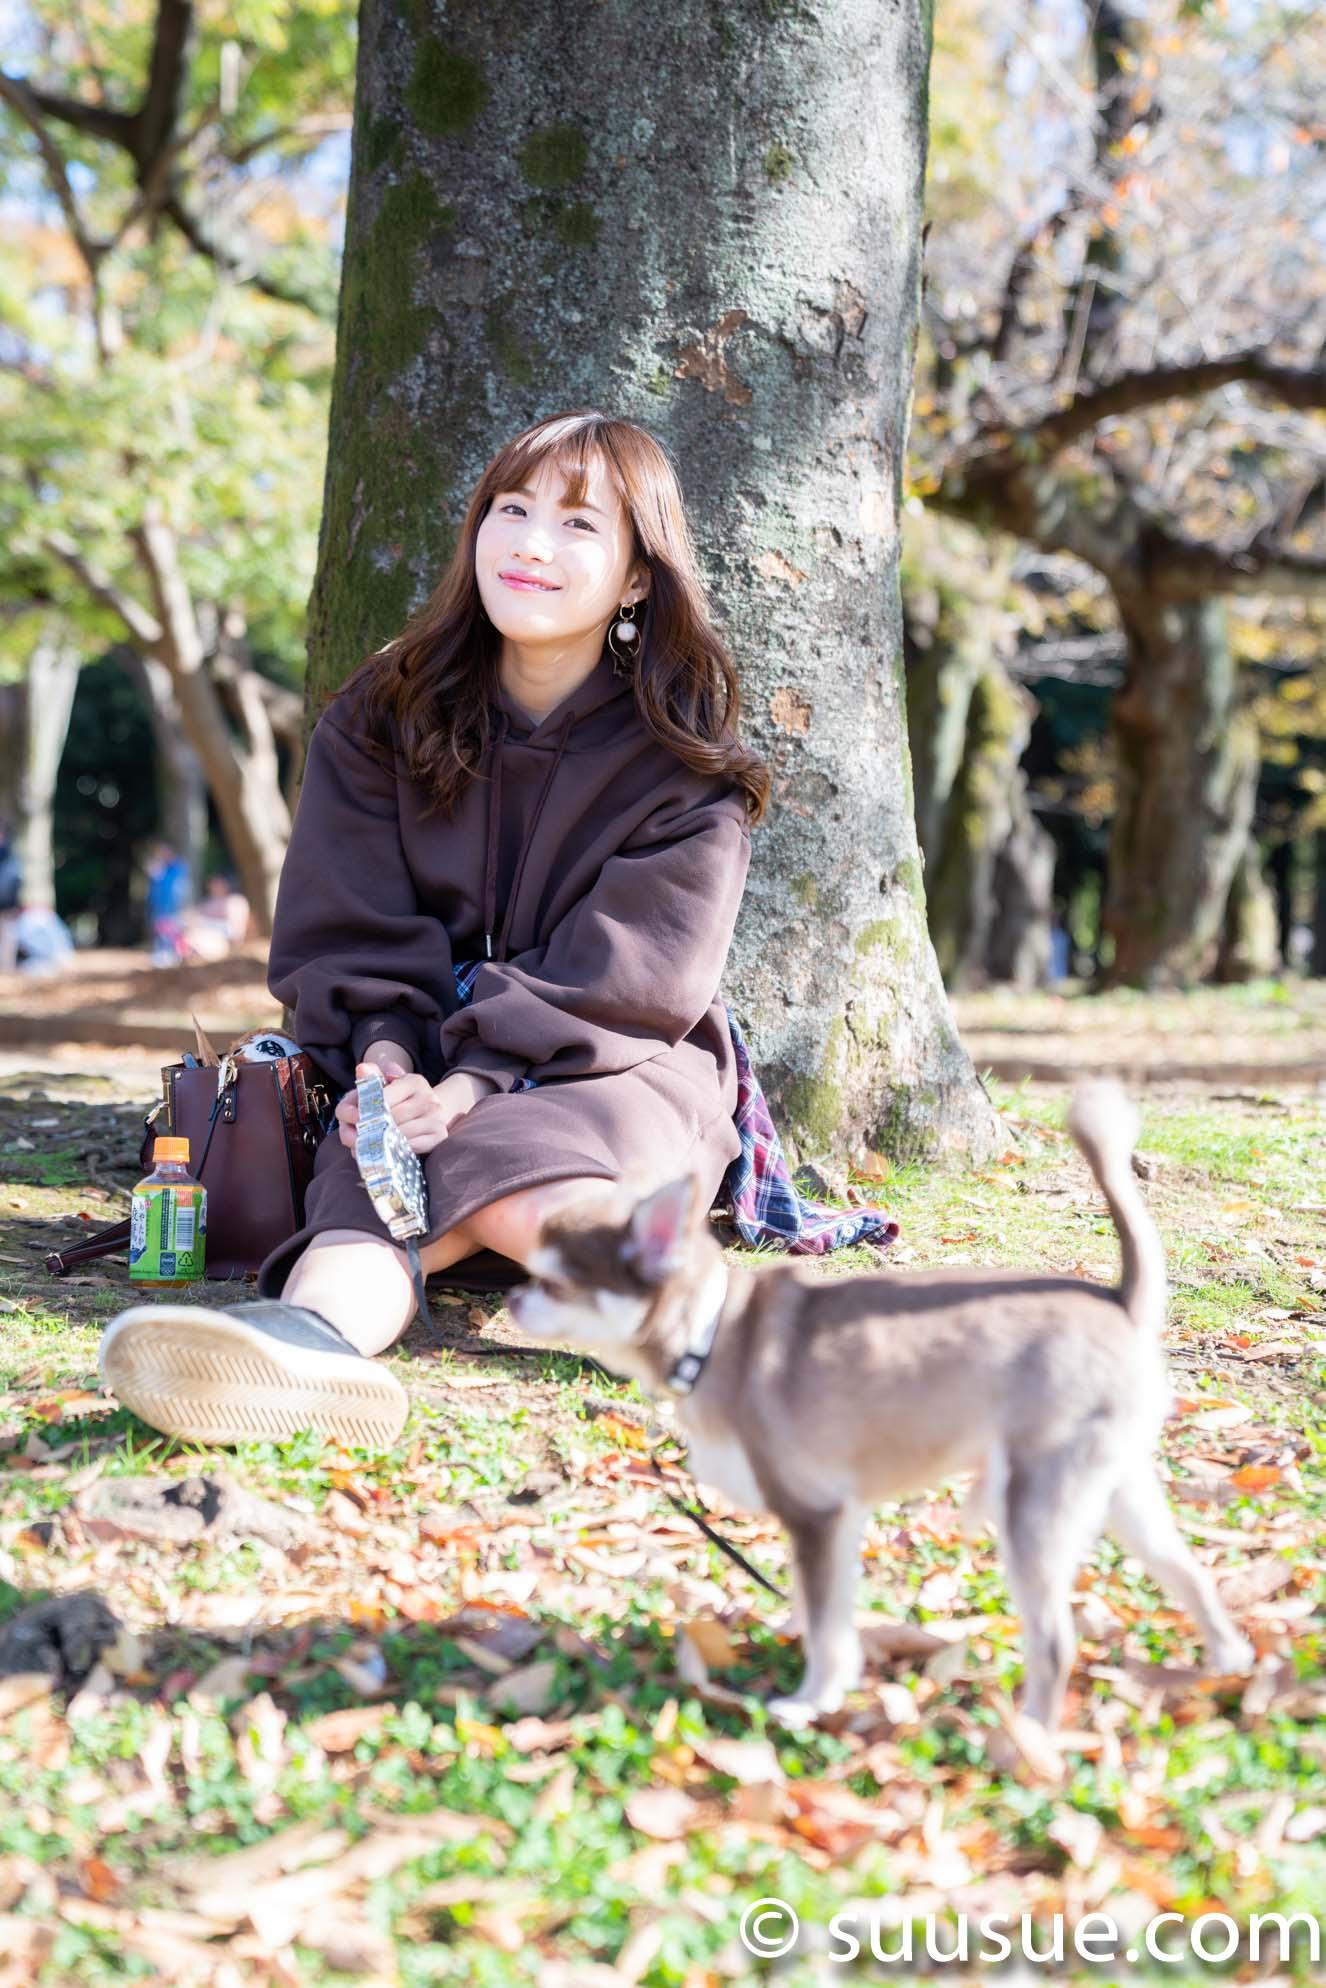 空陸海ゆきな 2019/11/17 NewType撮影会 バースデー撮影会 代々木公園